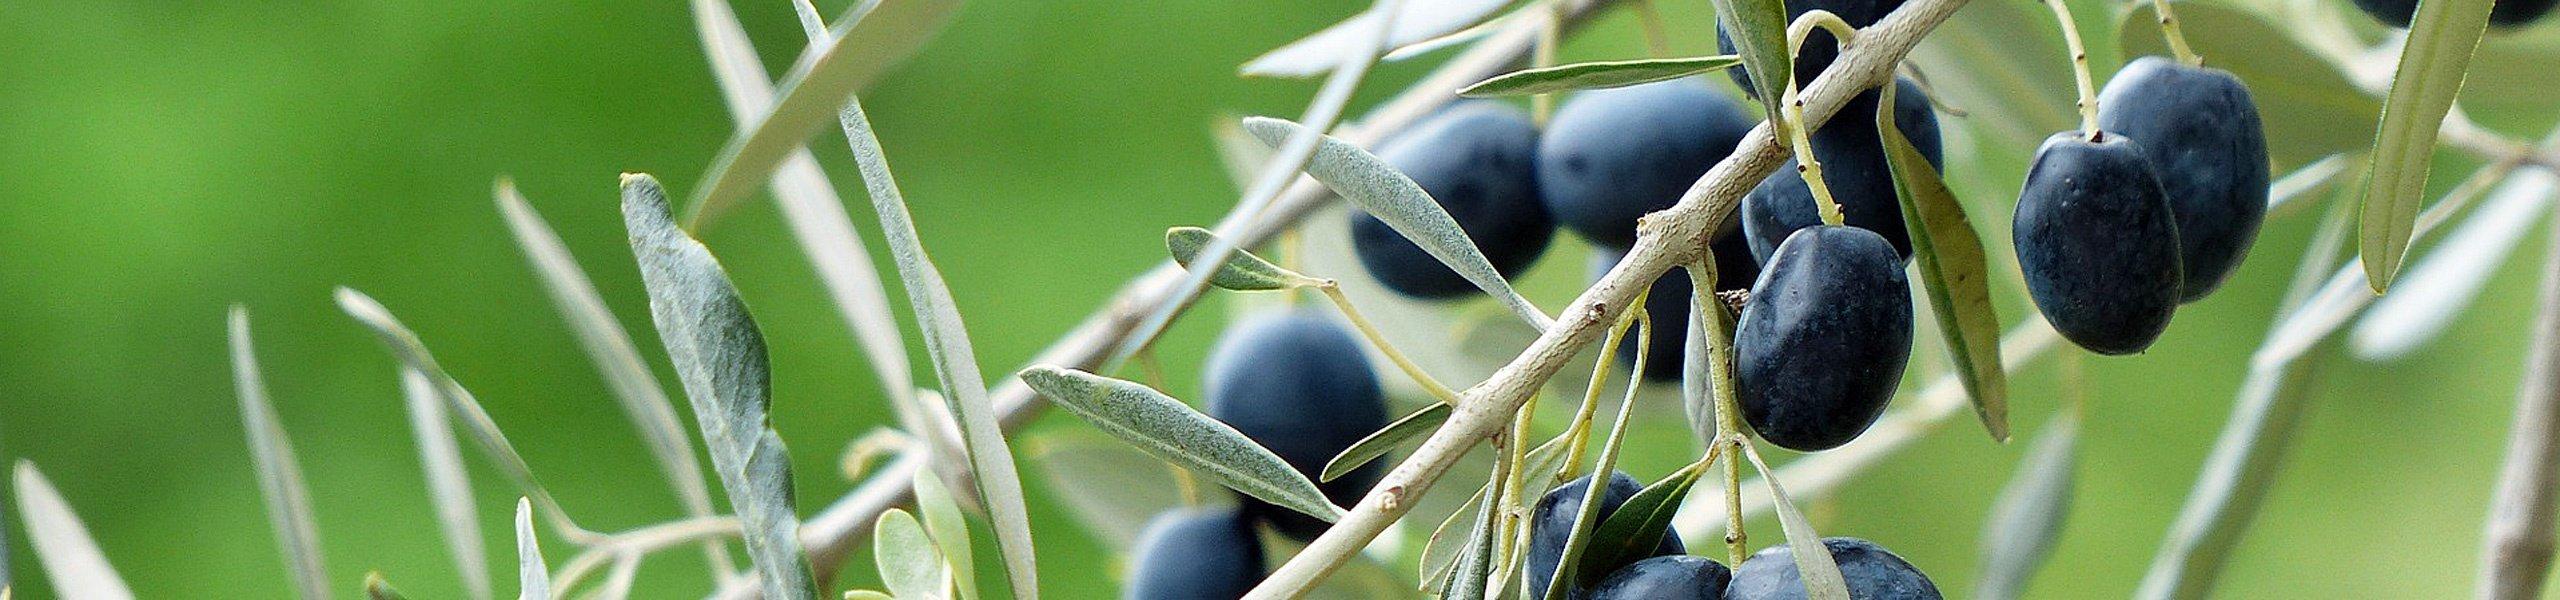 Rameau olivier avec fruits